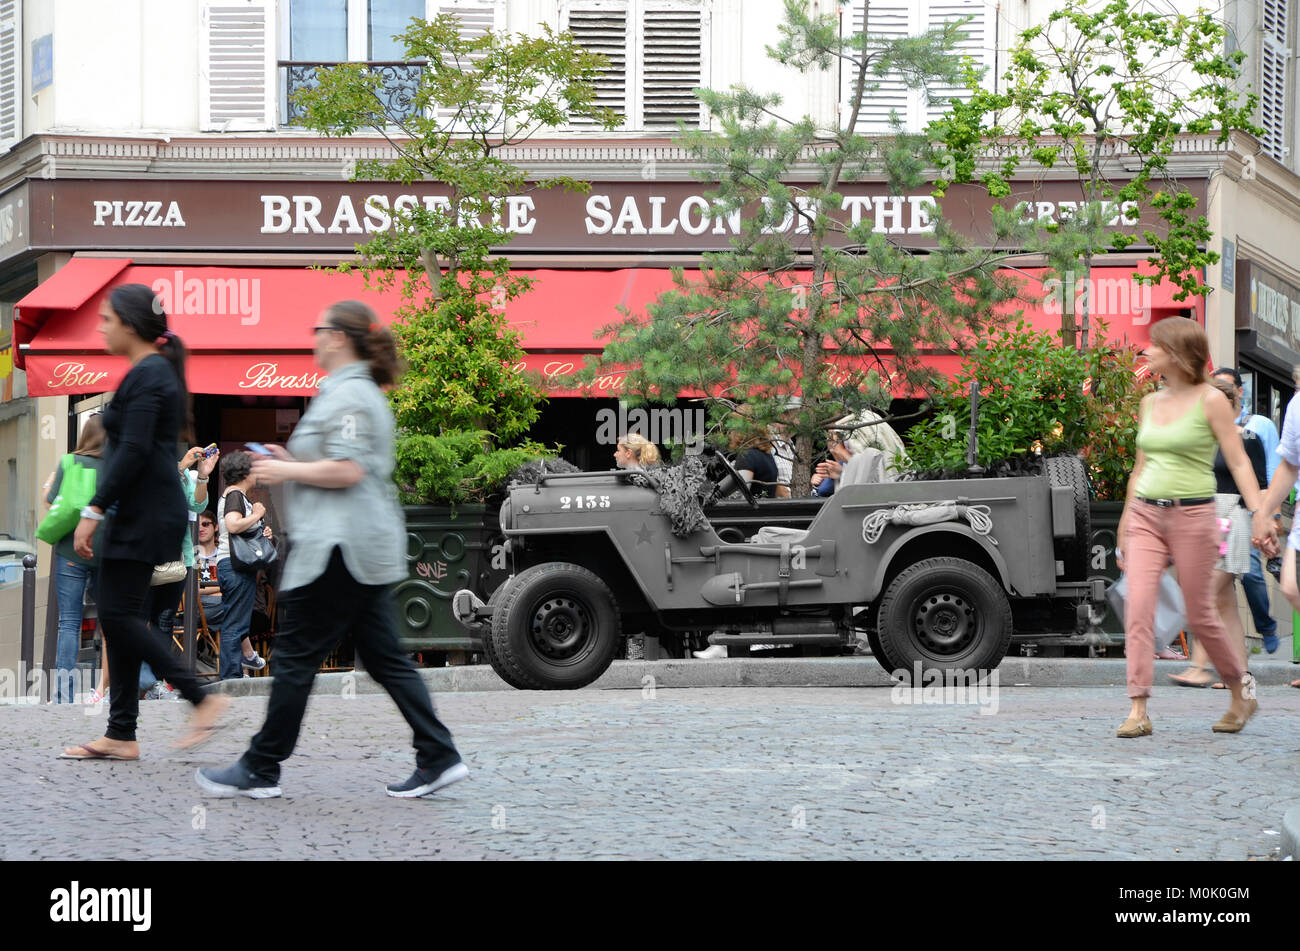 Brasserie Montmartre Stockfotos & Brasserie Montmartre Bilder - Alamy